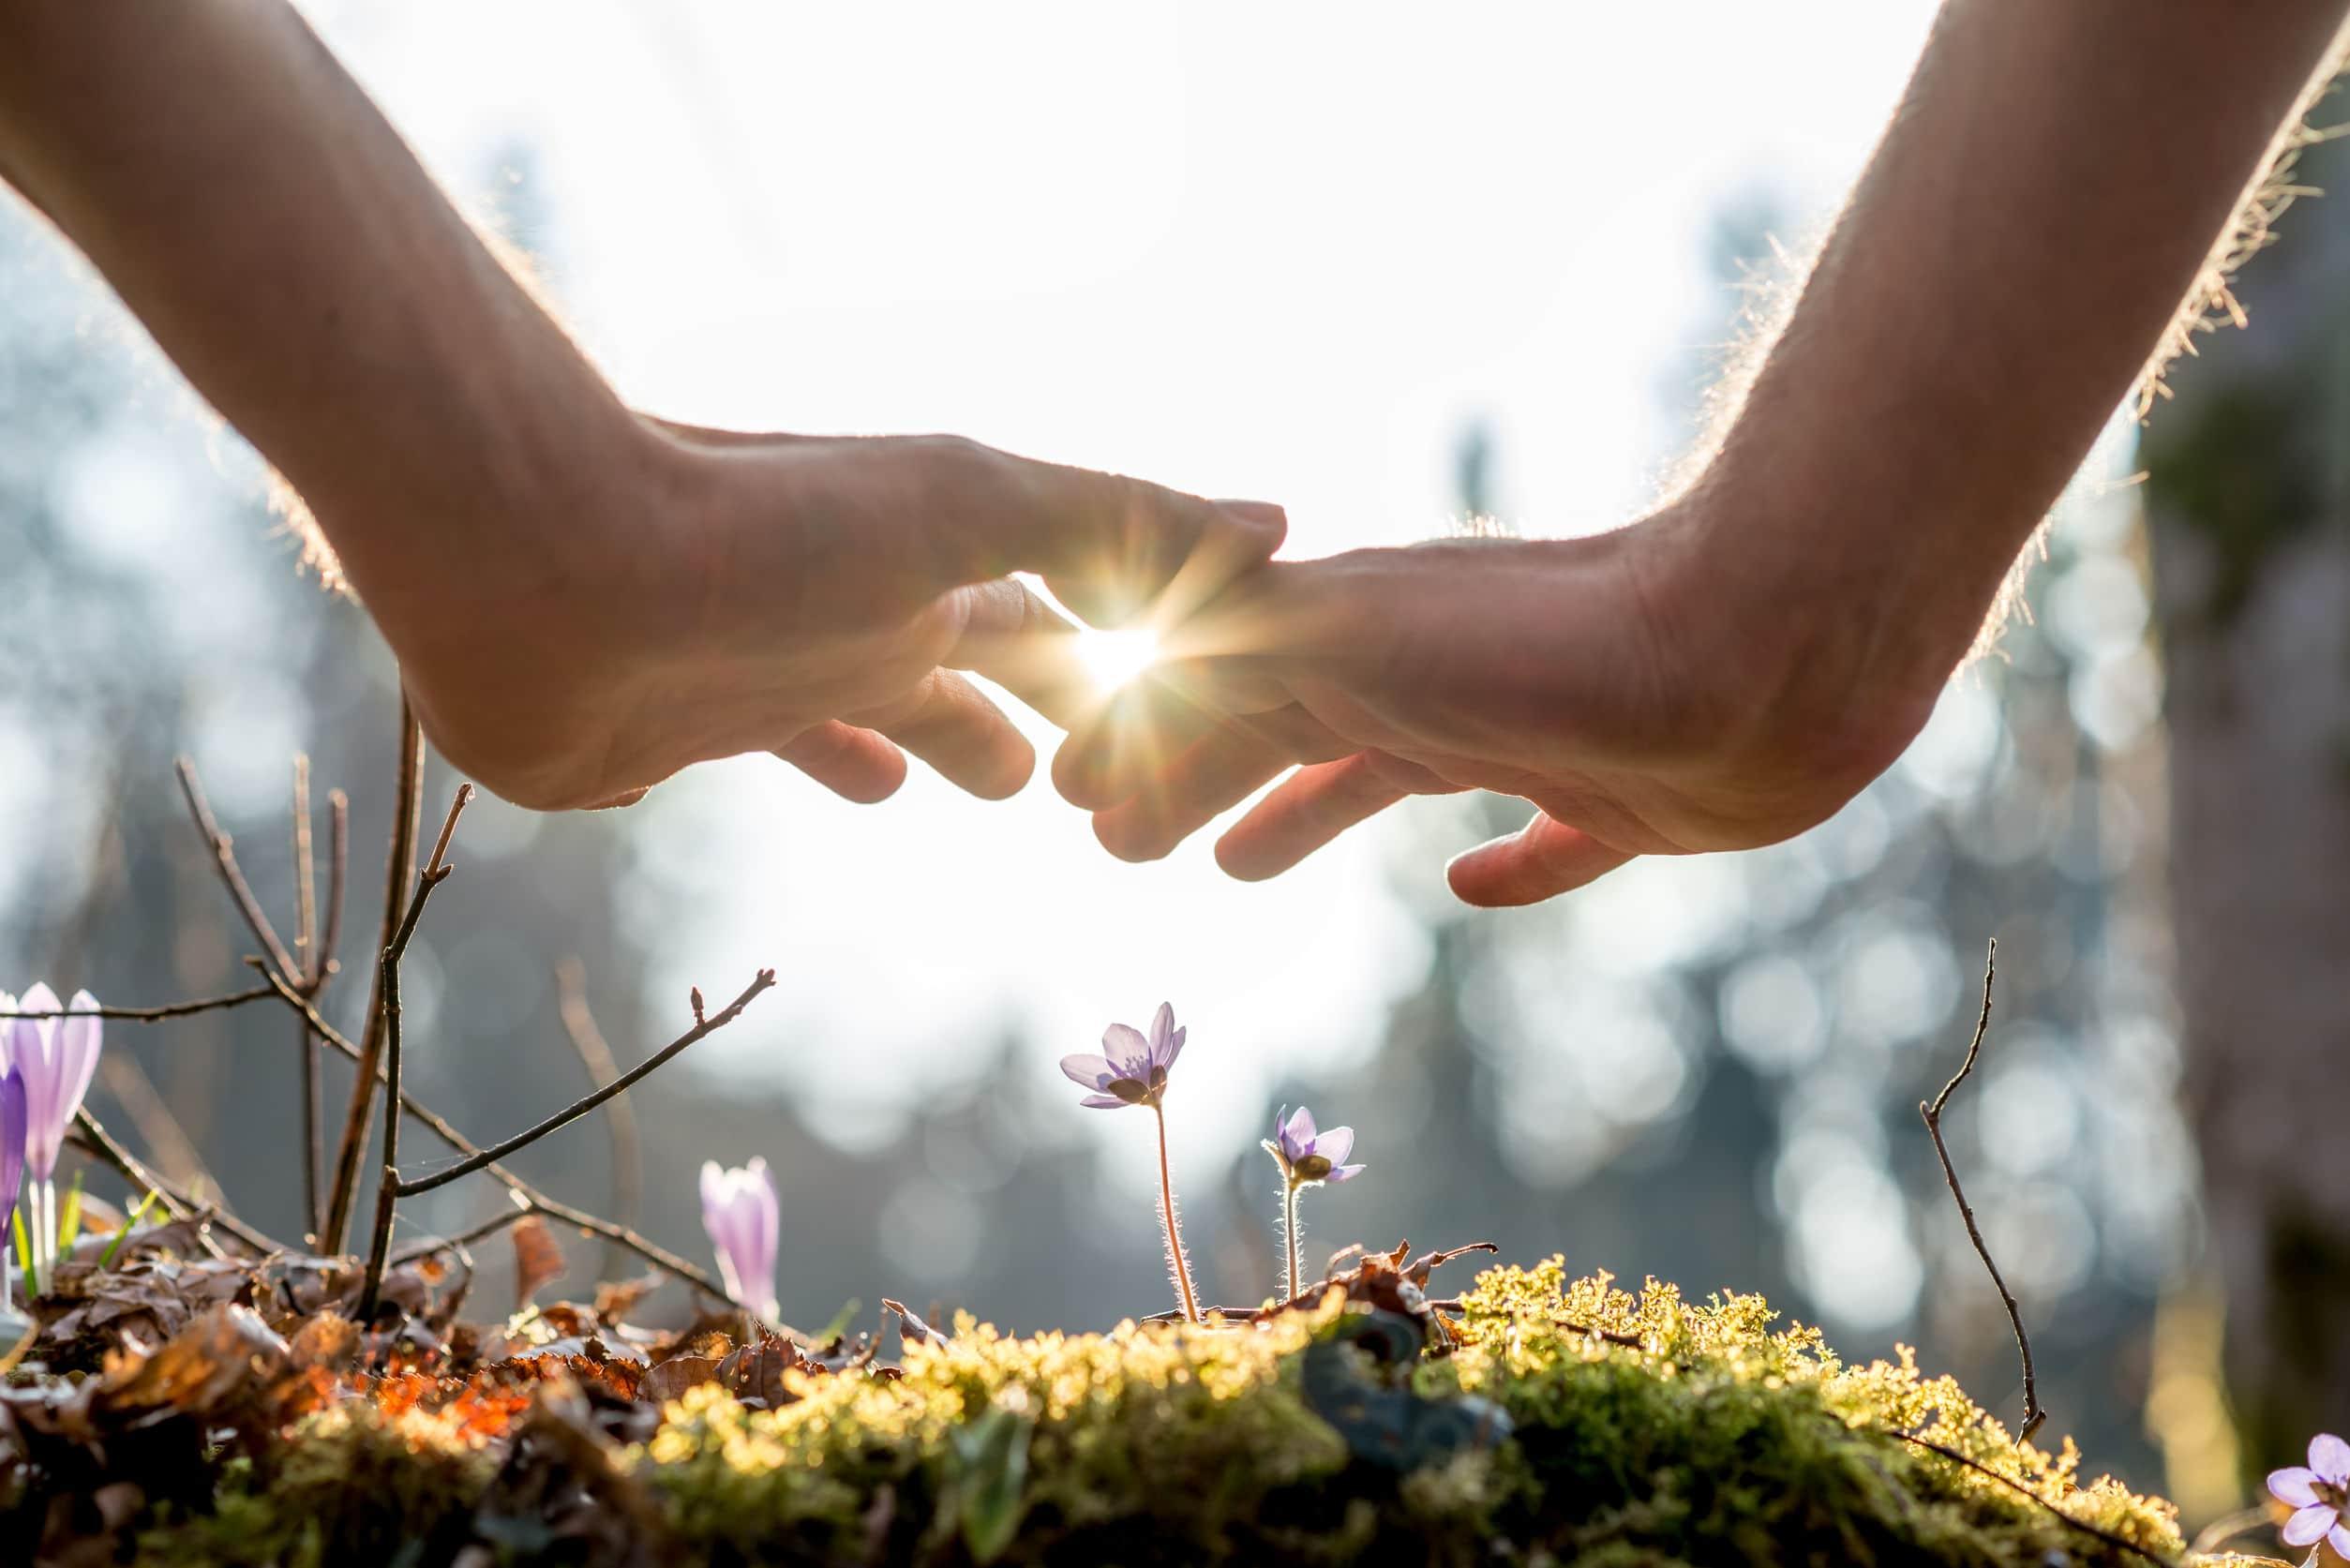 Mãos humanas protegendo pequenas flores do sol.